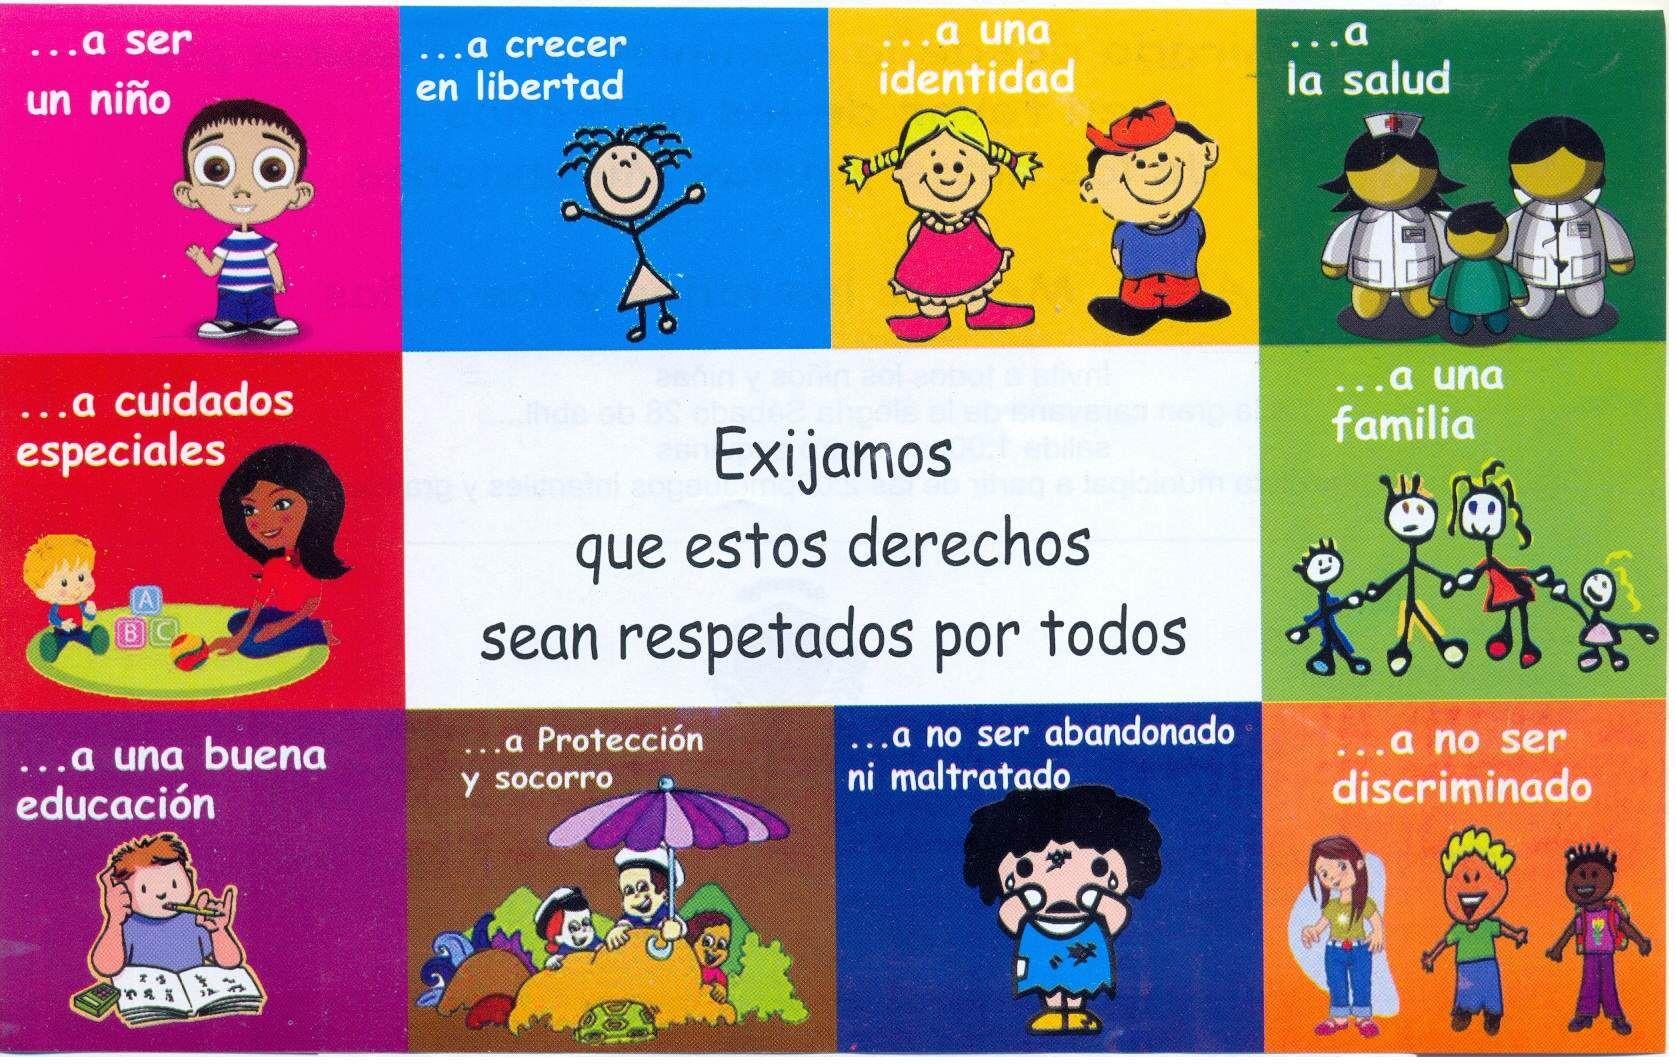 Los Derechos De Los Ninos En La Familia Y El Colegio Blog Espanol Ce1 Derechos De La Ninez Derechos De Los Ninos Imagenes De Los Derechos